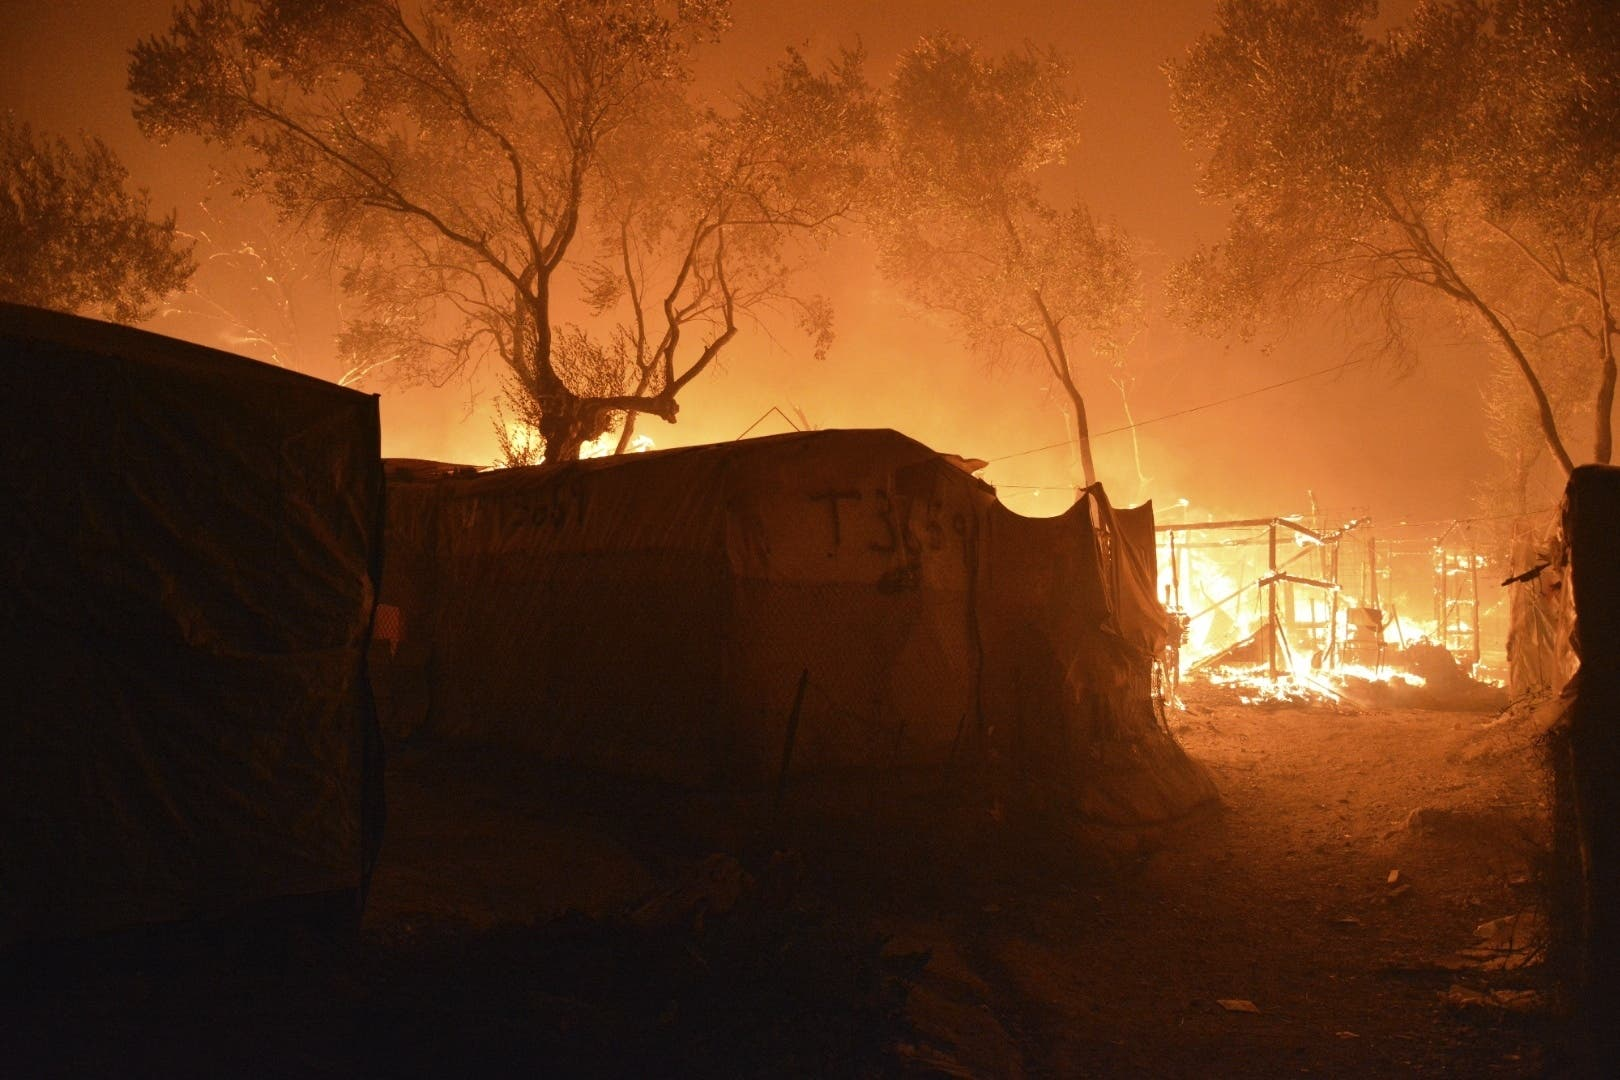 Das Lager wurde in der Nacht Raub der Flammen.